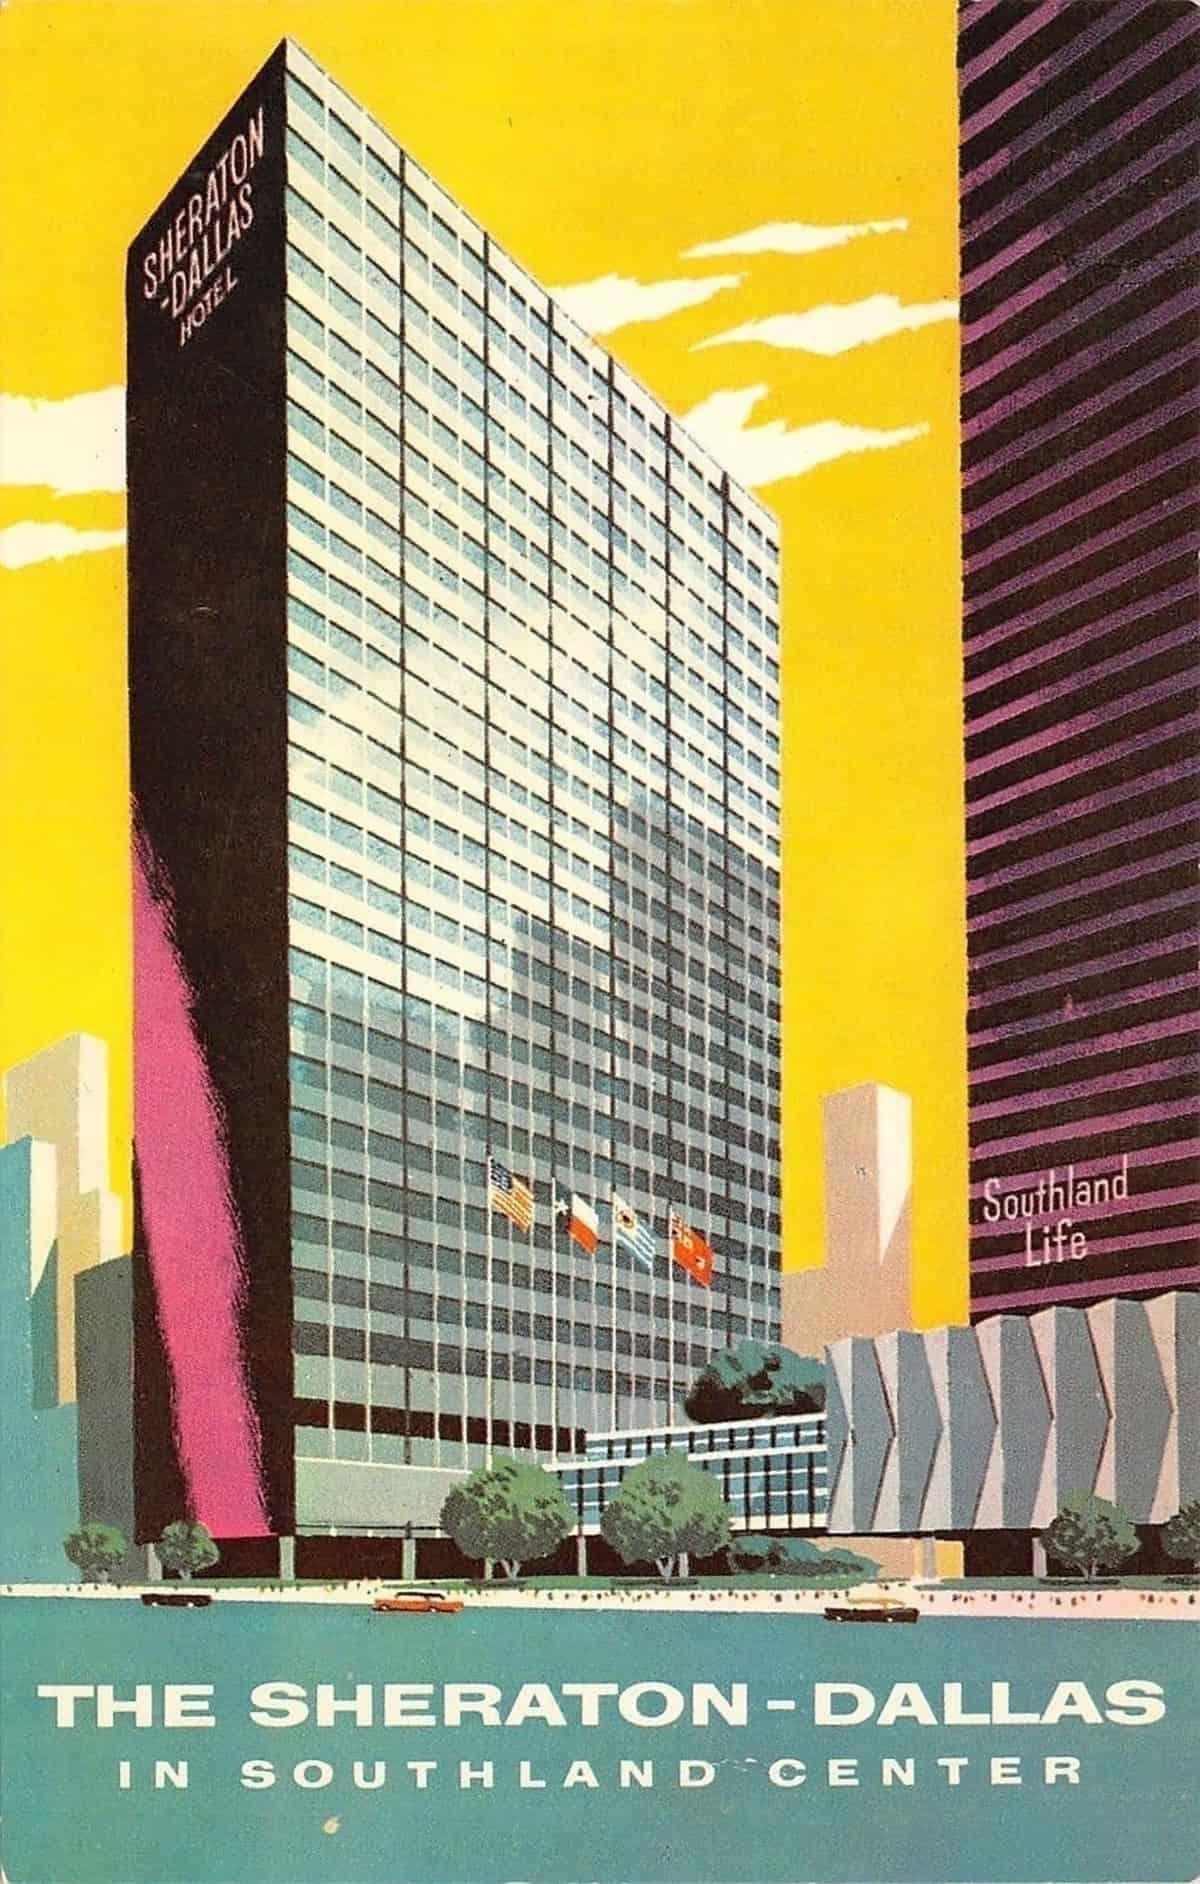 Sheraton-Dallas, 1959